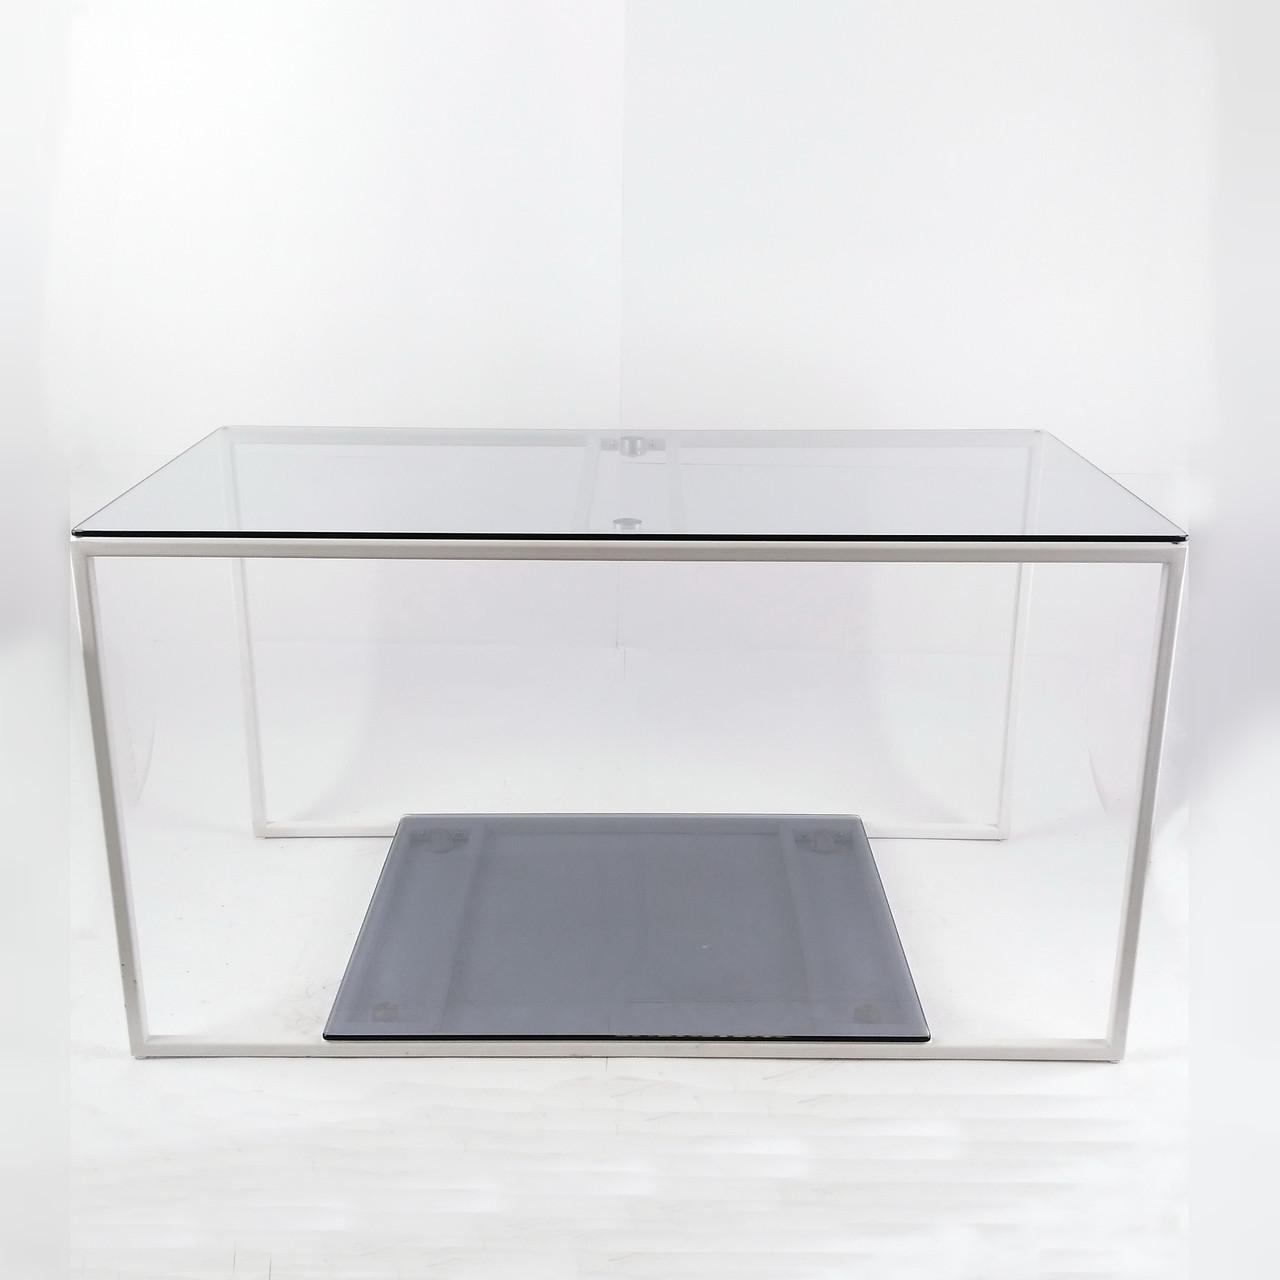 Стол журнальный Куб 900 стекло  6 мм прозрачное/графит - белый металл (Cub 900 cg-wt)